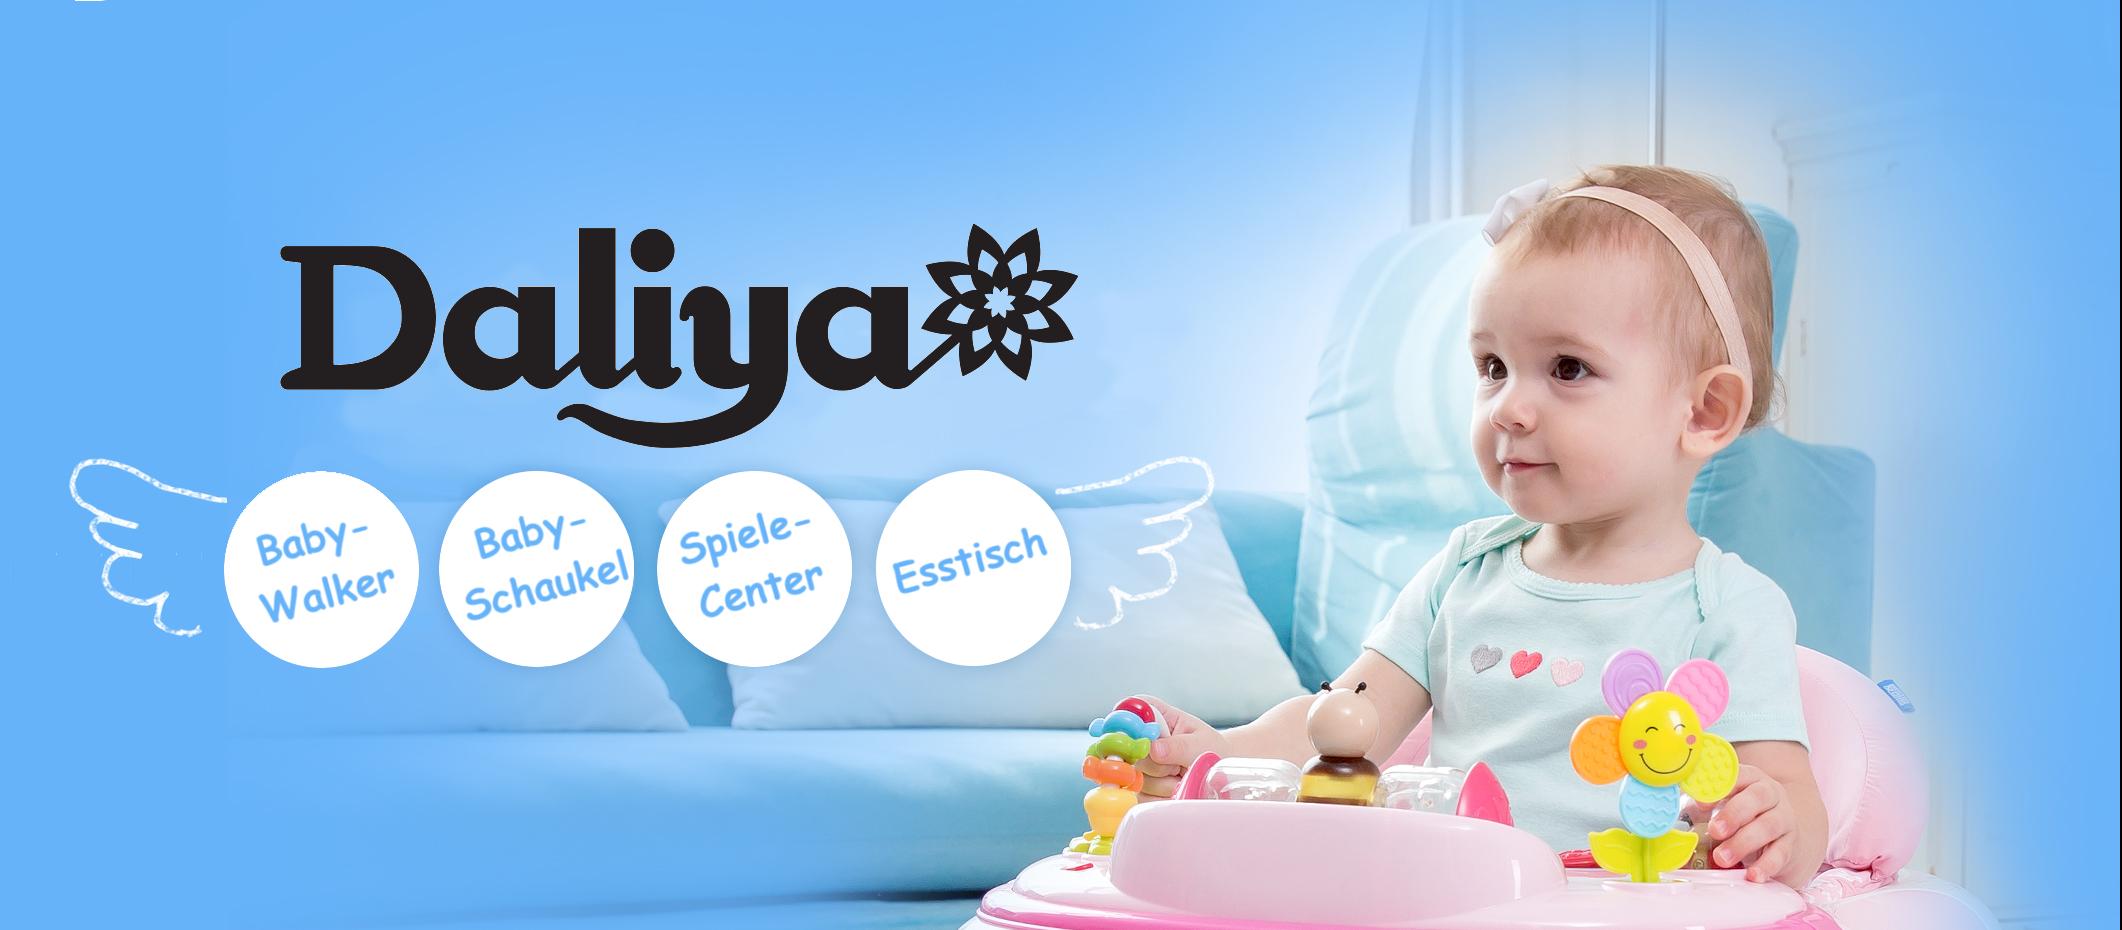 daliya babywalker 4in1 logo